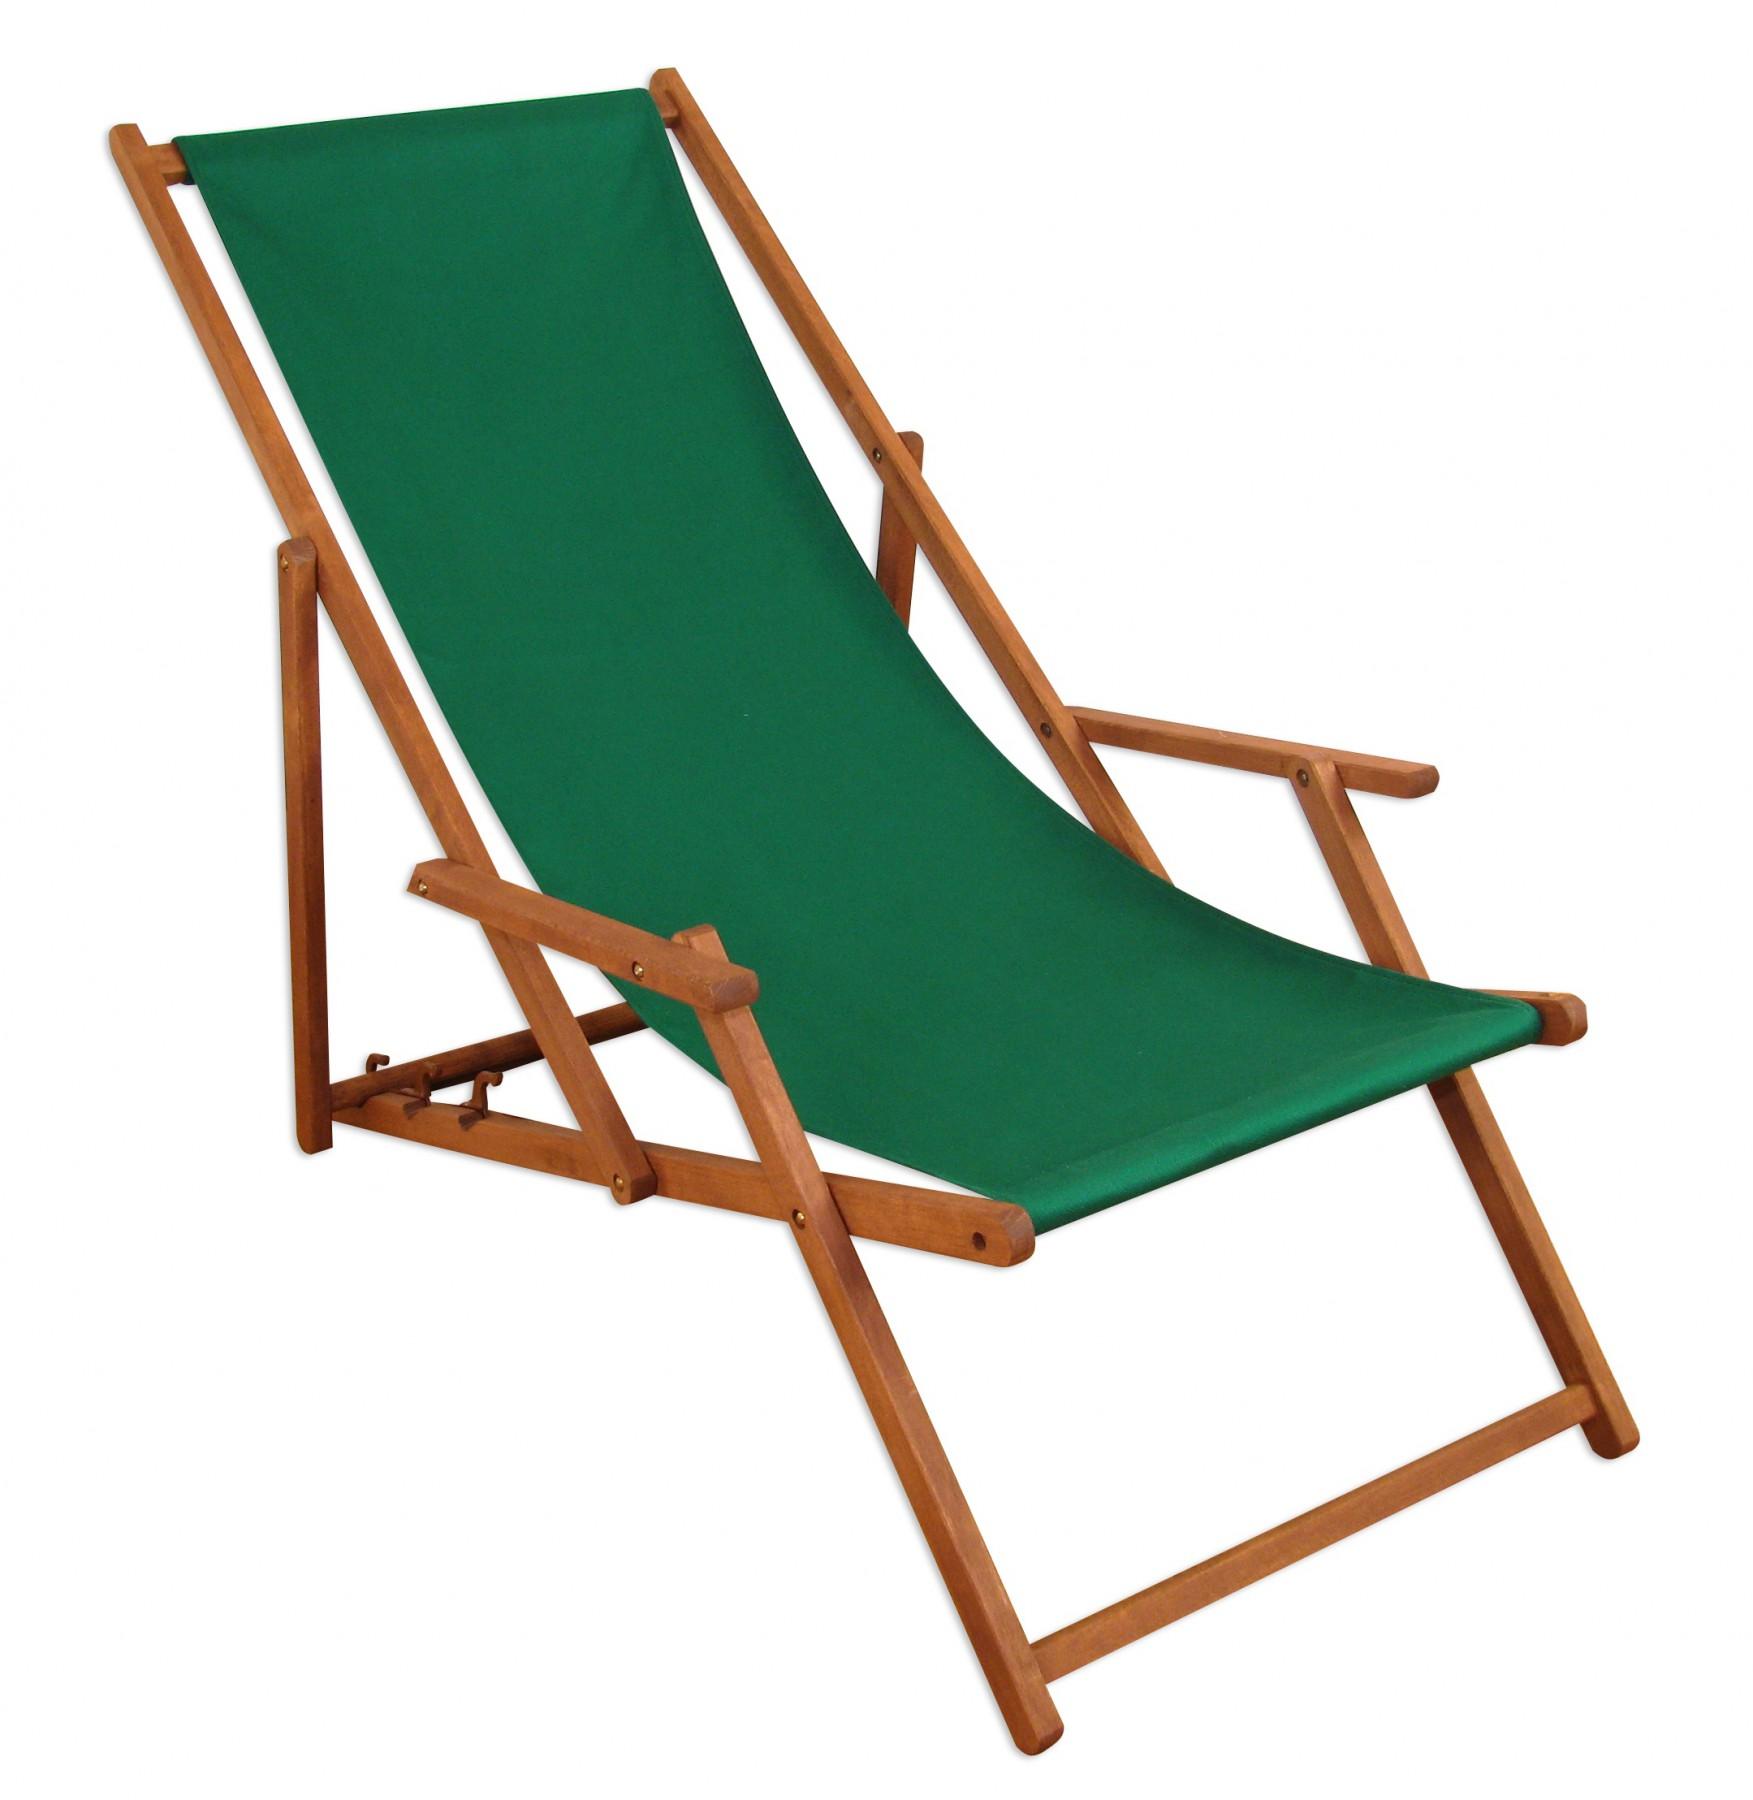 Transat pour jardin vert chaise longue bois chaise longue for Chaise longue bois avec repose pied